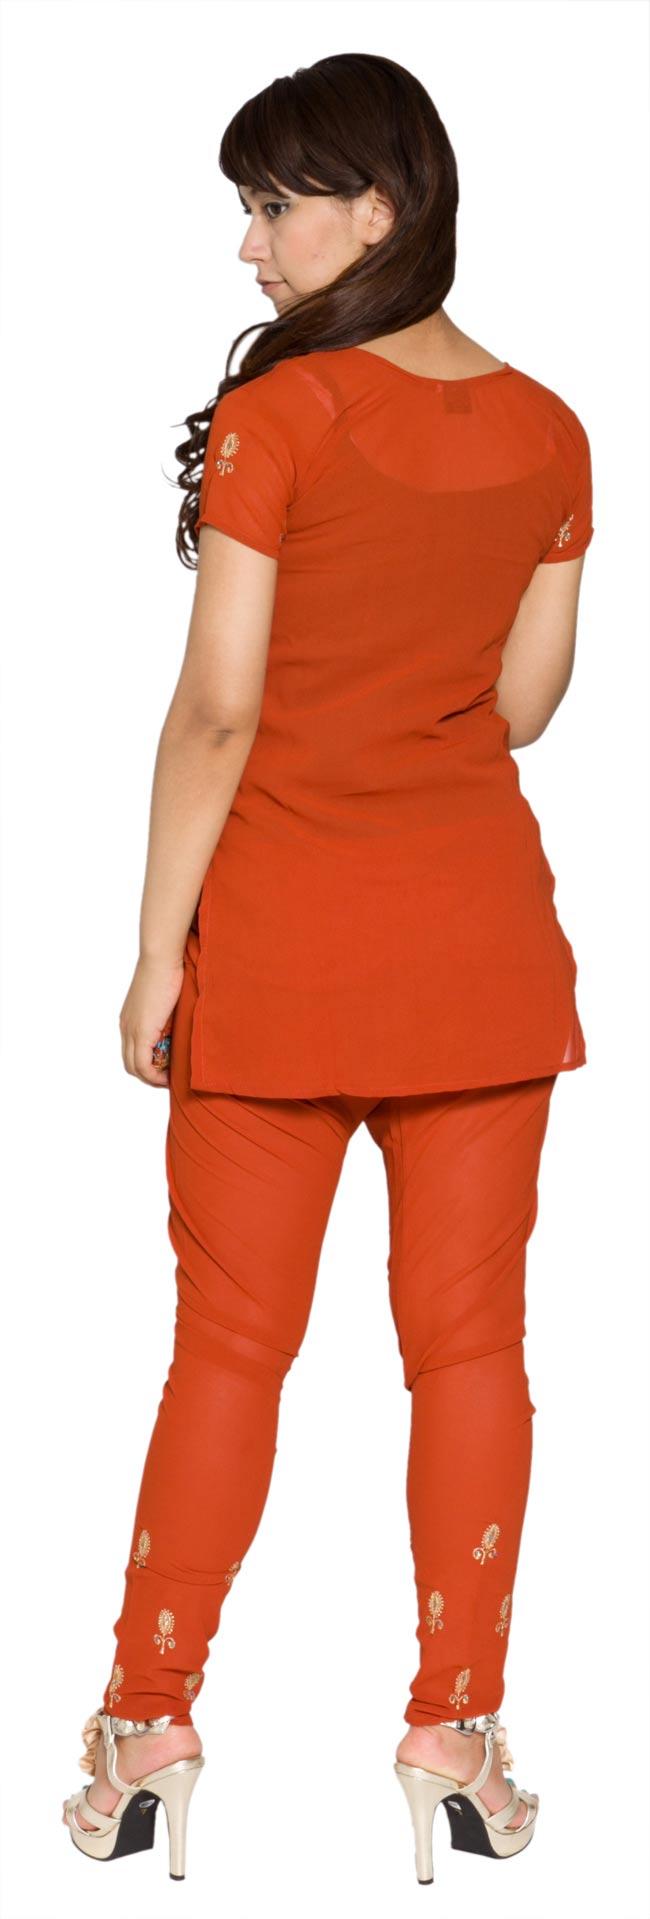 パンジャービードレス3点セット  KIDS 150cm 2 - 後ろ姿です。